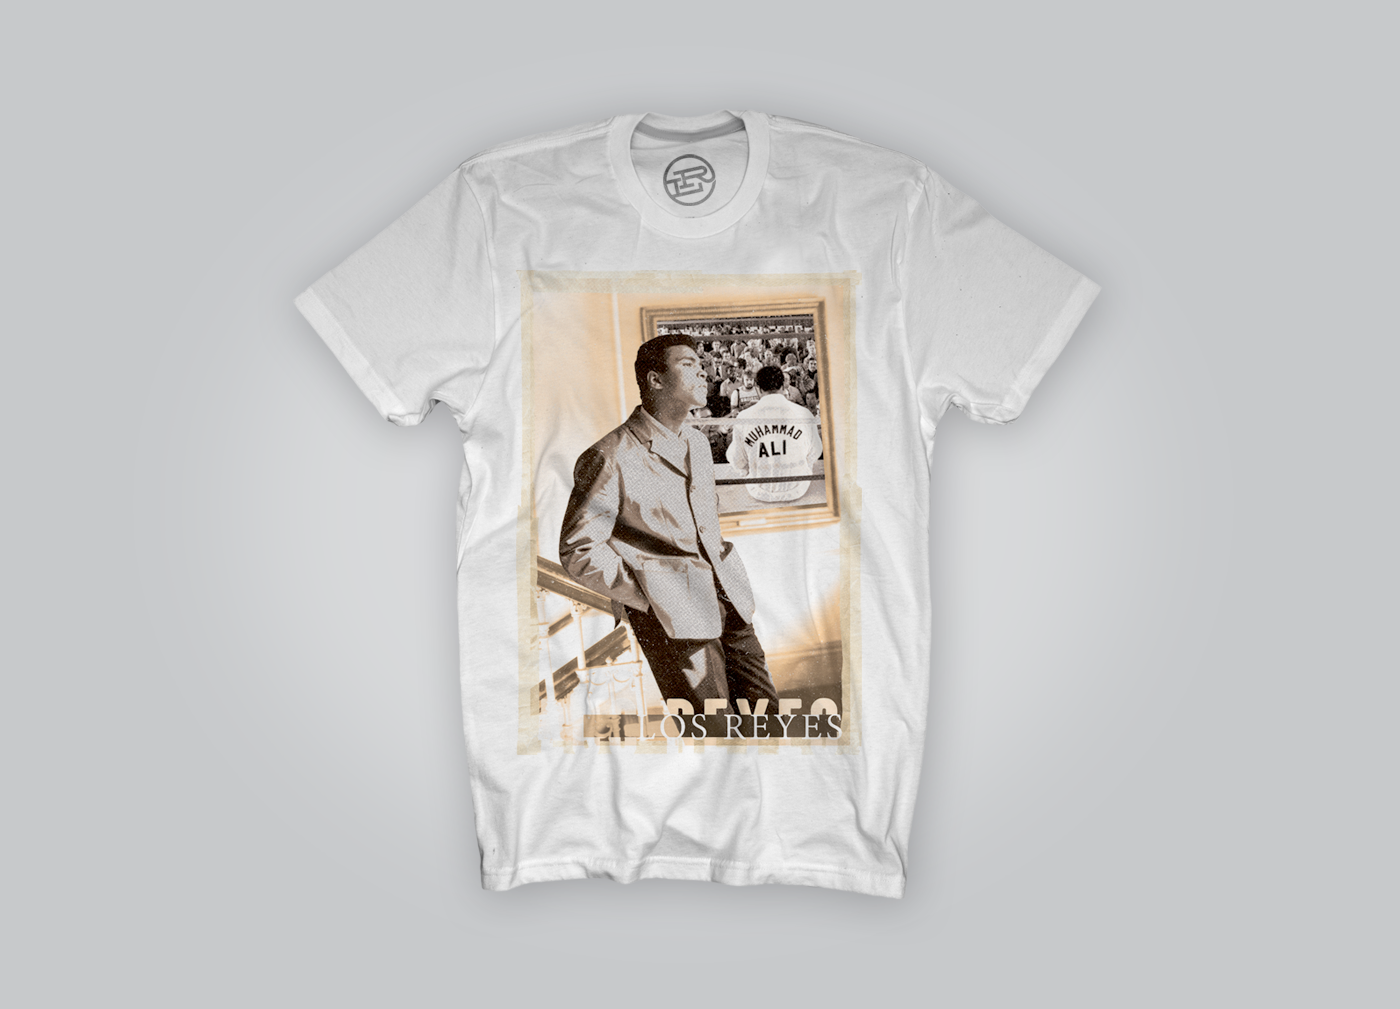 Estampa branding  moda design gráfico camiseta identidade visual Direção de arte logo Logotipo t-shirt